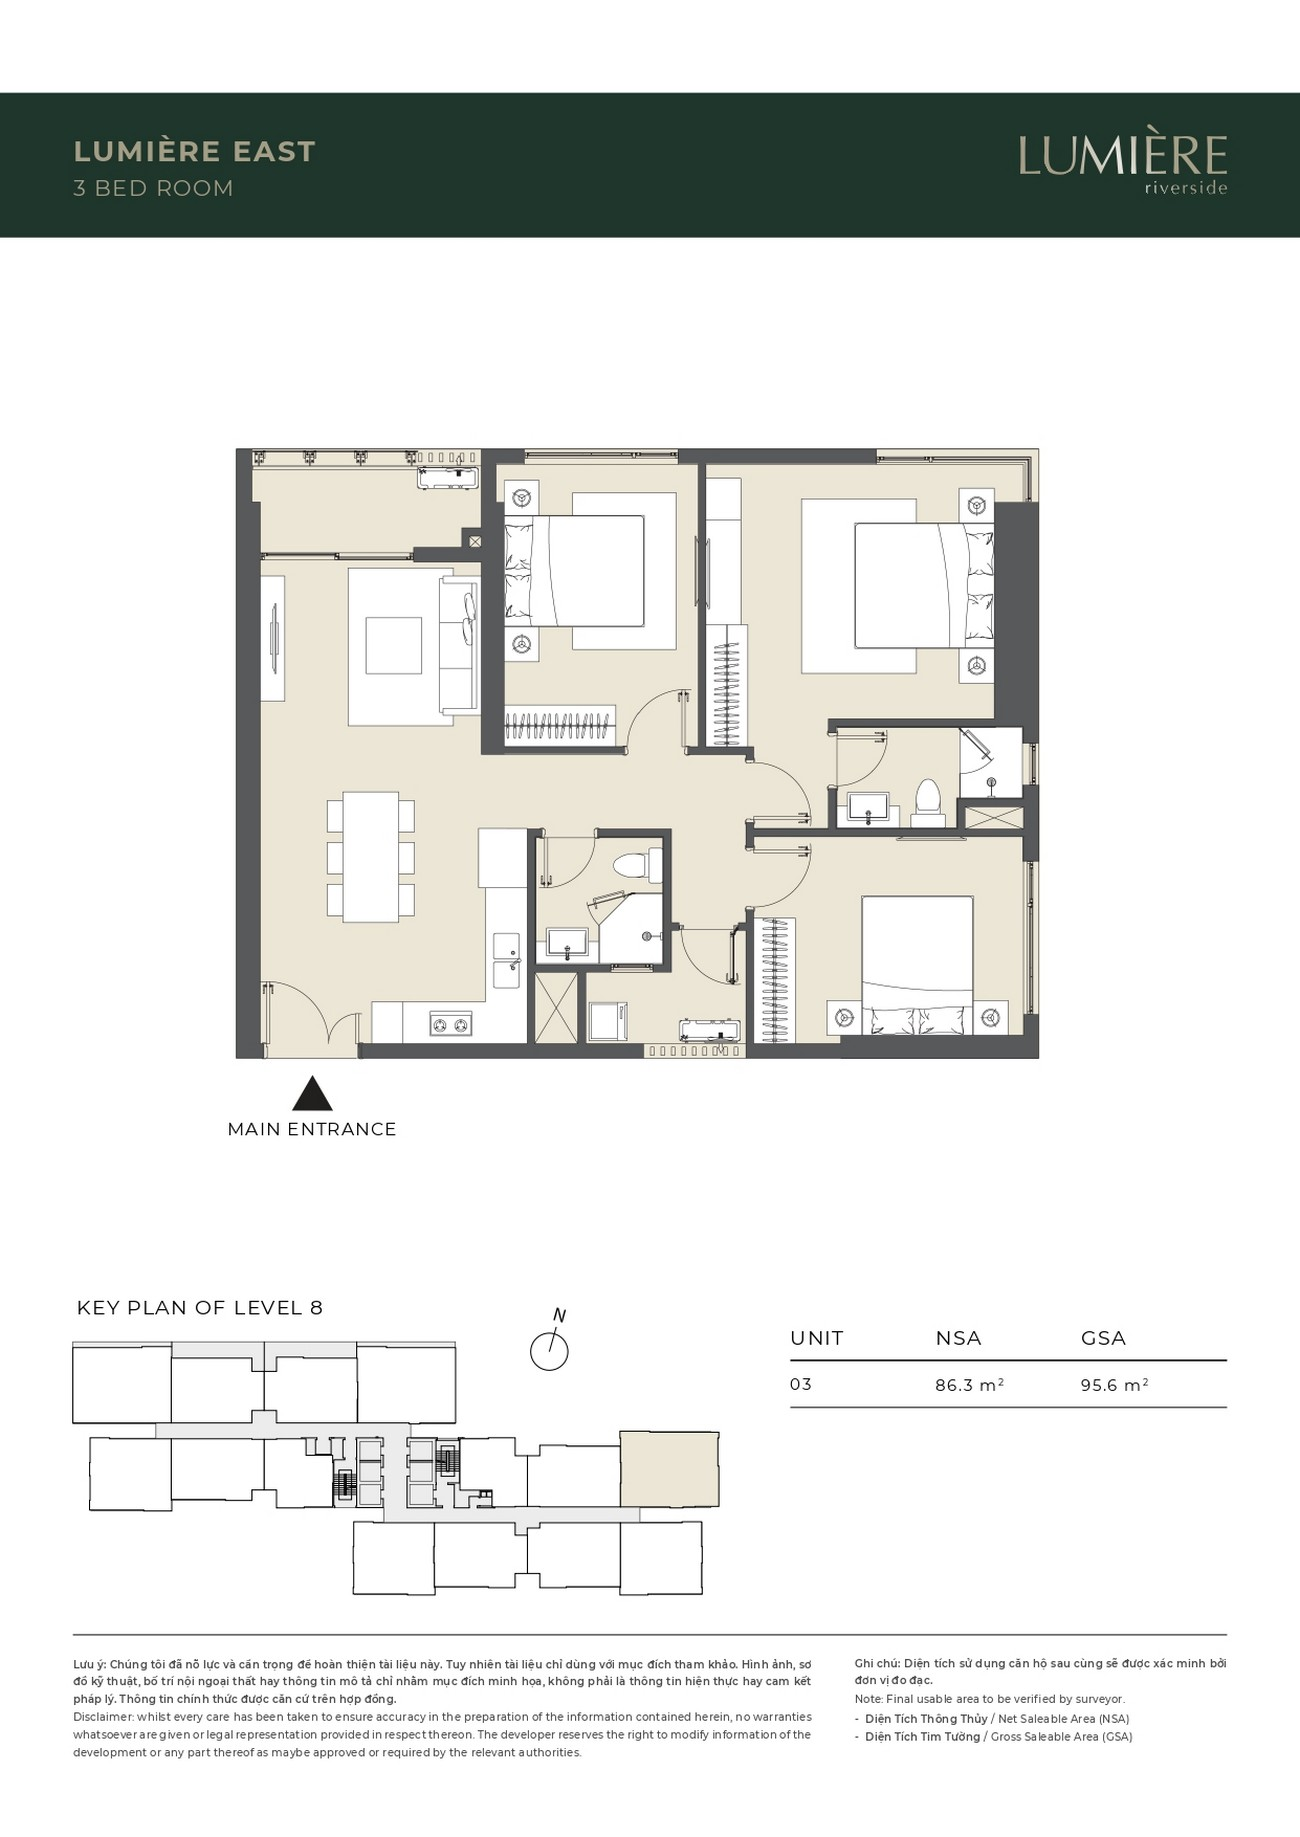 Thiết kế Masteri Lumière Riverside Quận 2 : Căn hộ 3 phòng ngủ